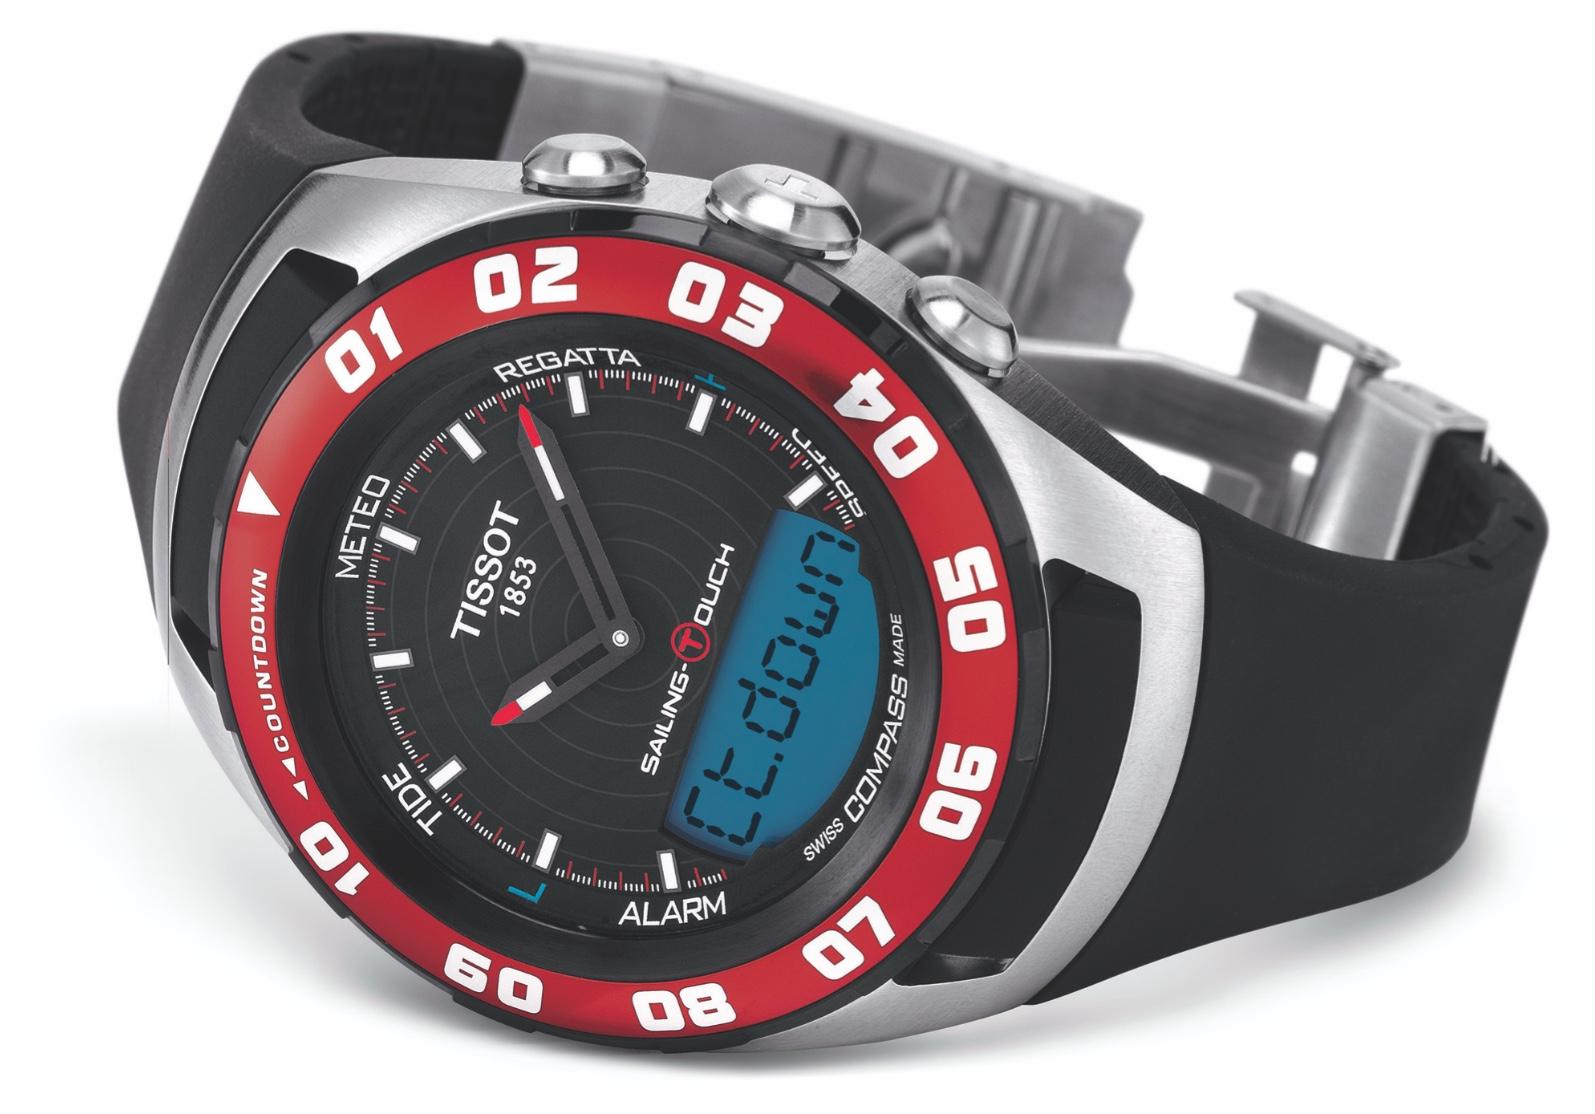 Sconto-10% orologio Tissot Uomo Sailing-Touch, colore Rosso, T056.420.27.051.00